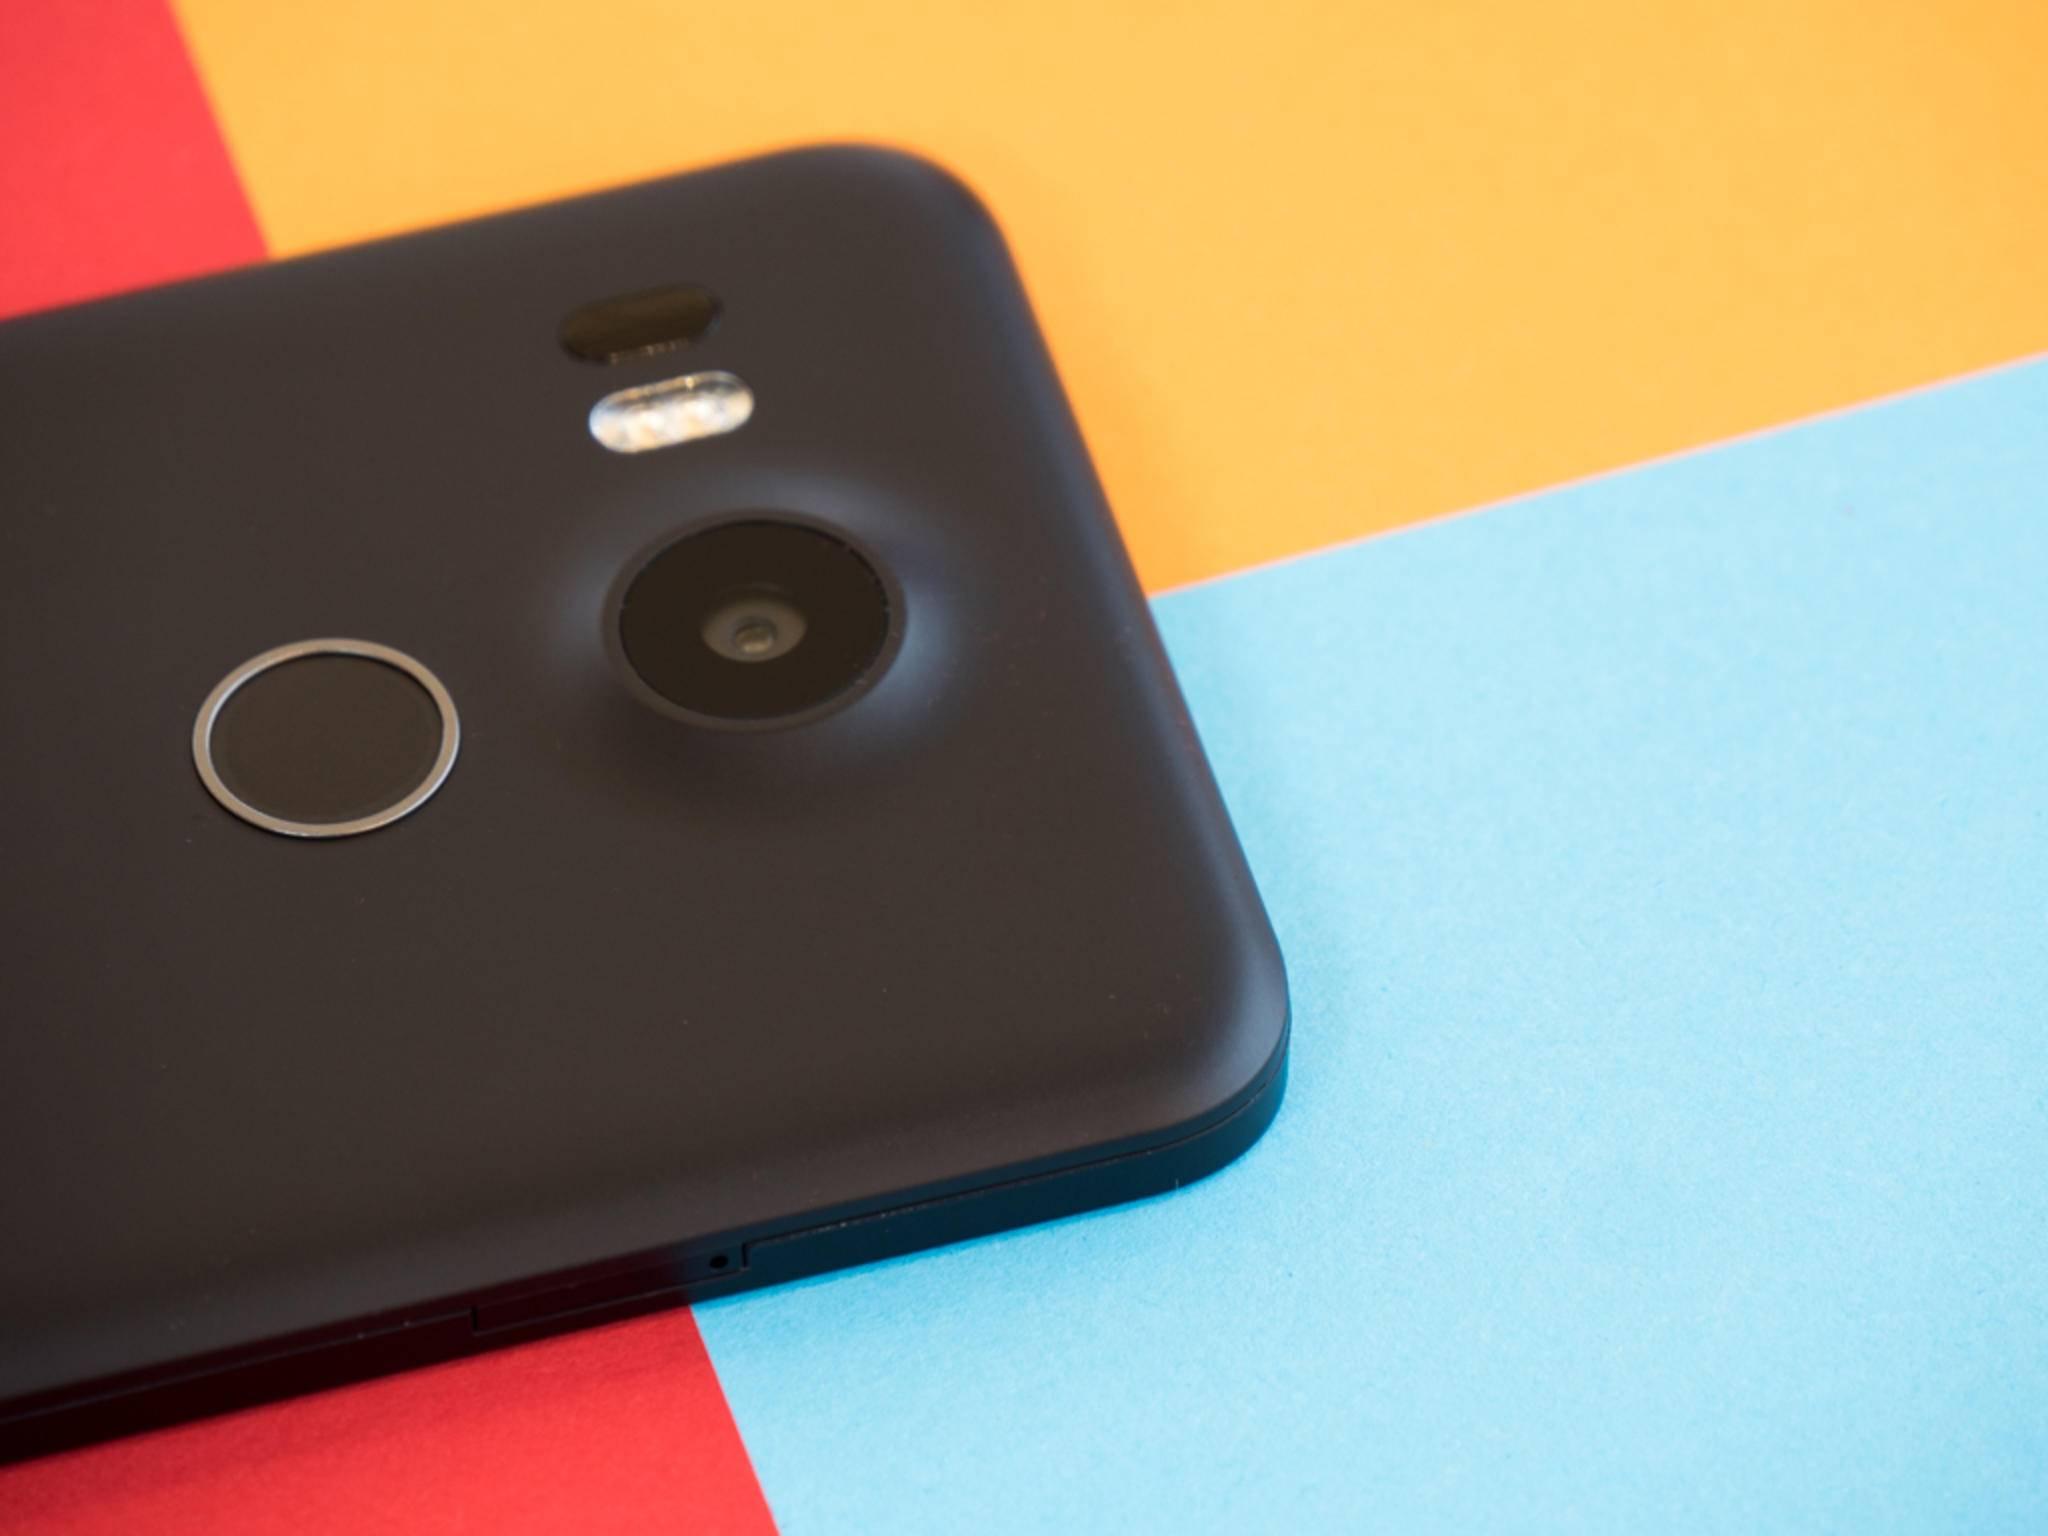 Das Smartphone hat auf der Rückseite auch einen Fingerabdrucksensor.